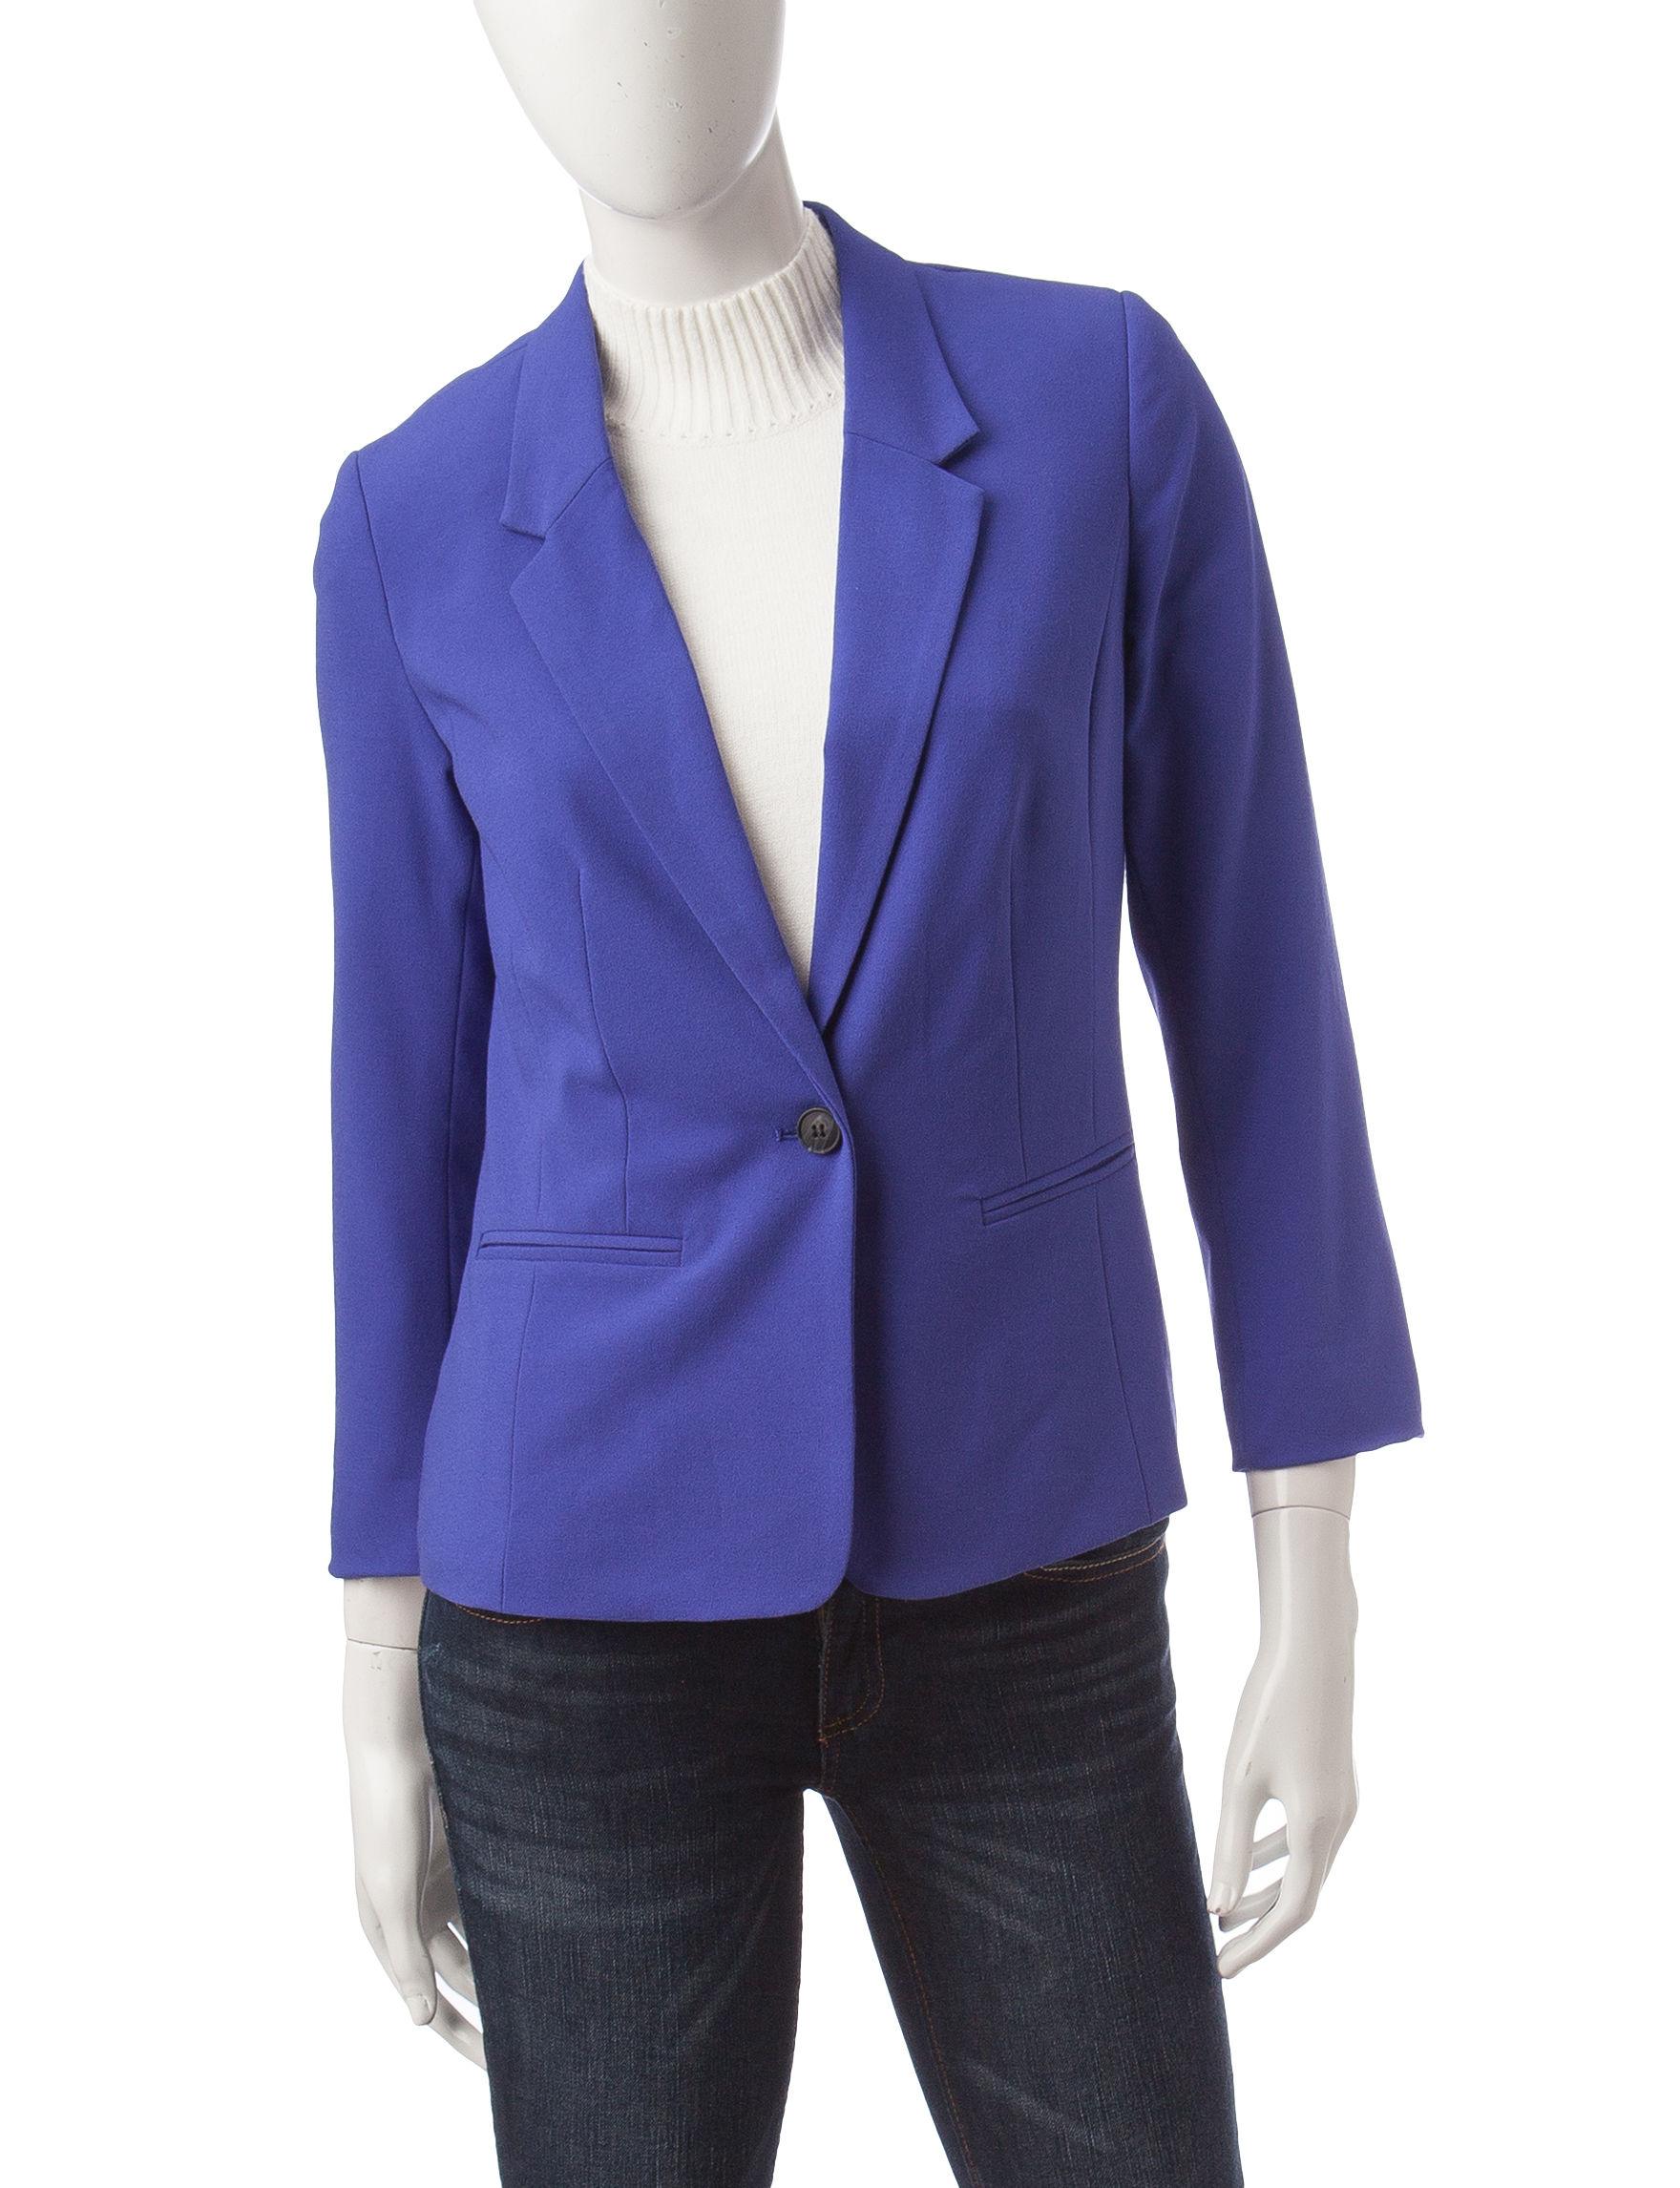 Kensie Purple Lightweight Jackets & Blazers